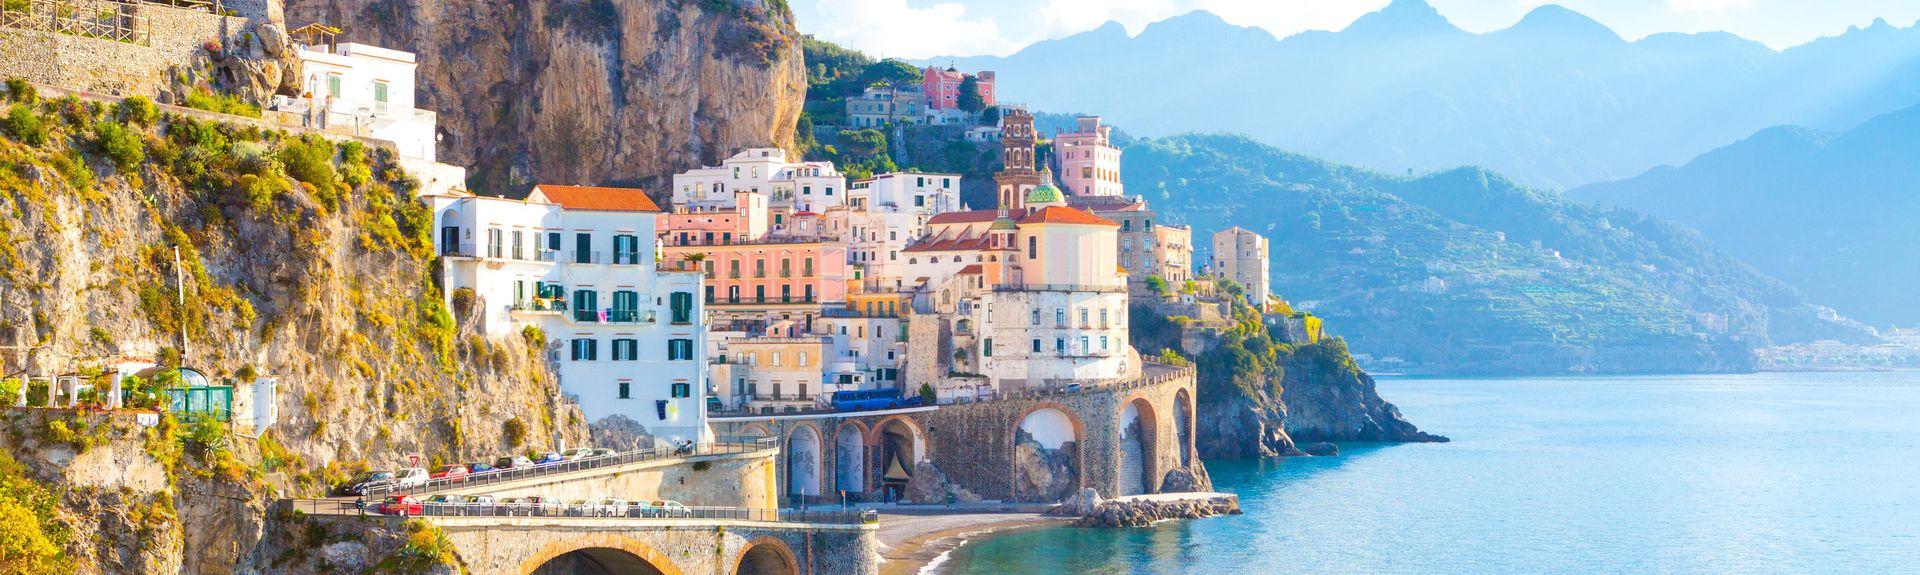 Torre del Greco, Metropolitan City of Naples, Campania, Italy